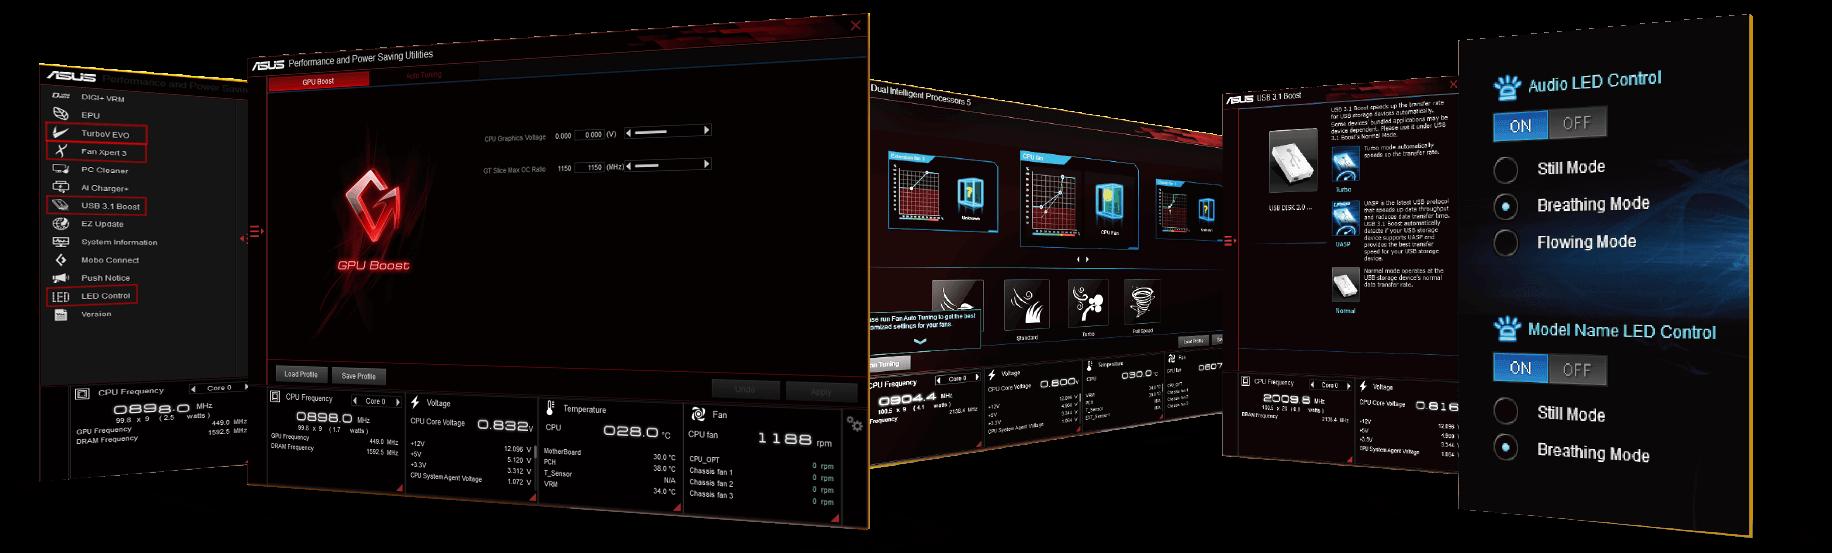 ASUS H170 PRO Gaming Intel LAN Windows 8 X64